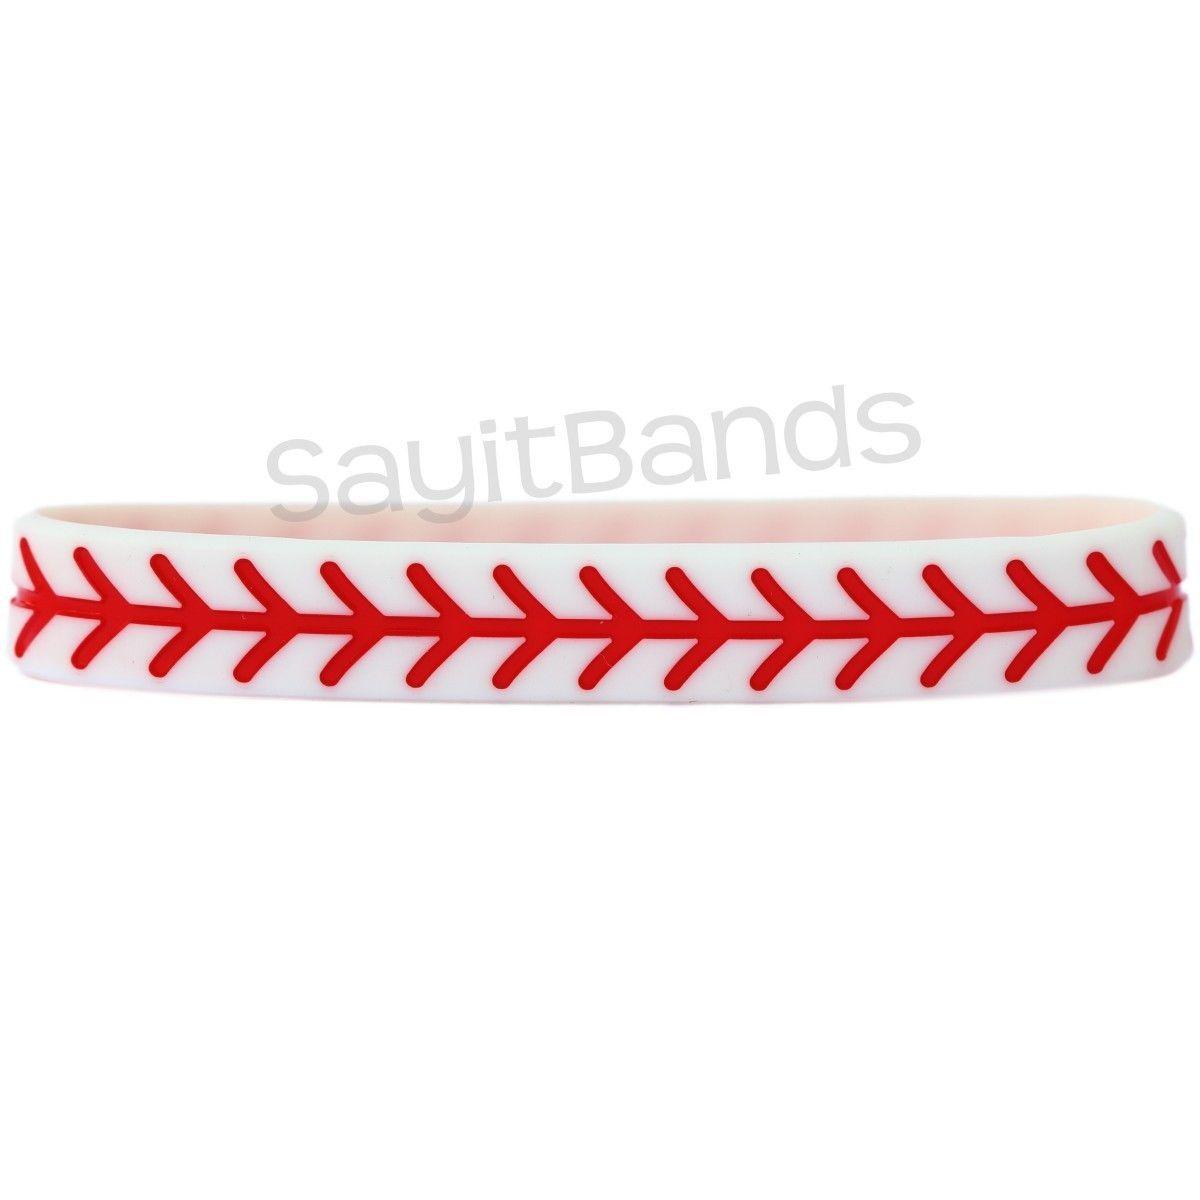 SayitBands 10 Baseball Design Wristband Silicone Bracelet